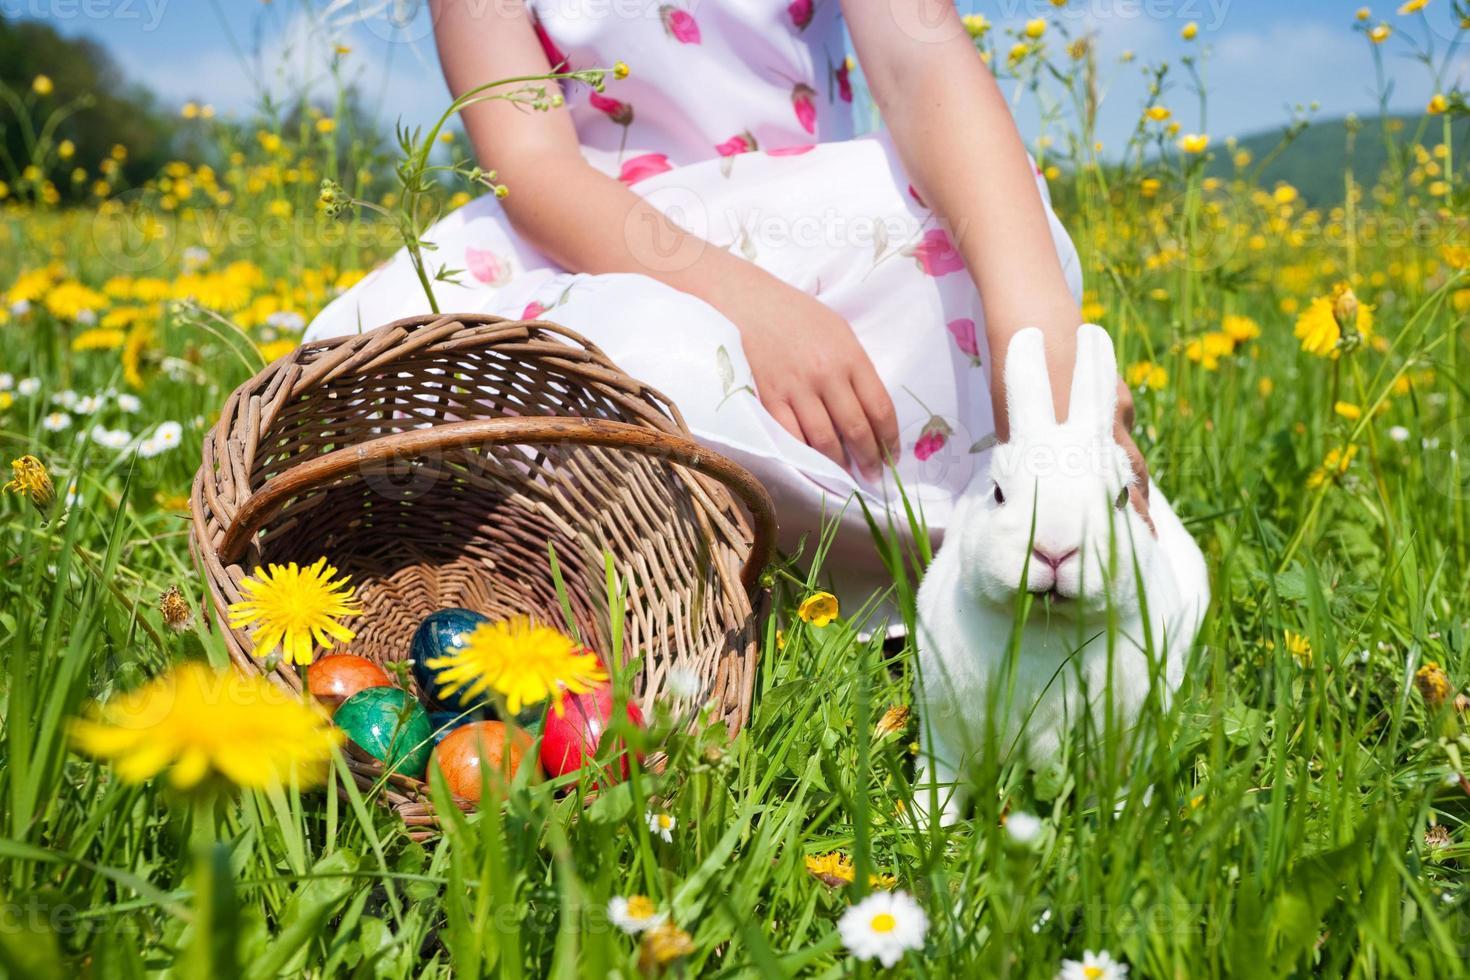 enfant caresser lapin de pâques photo